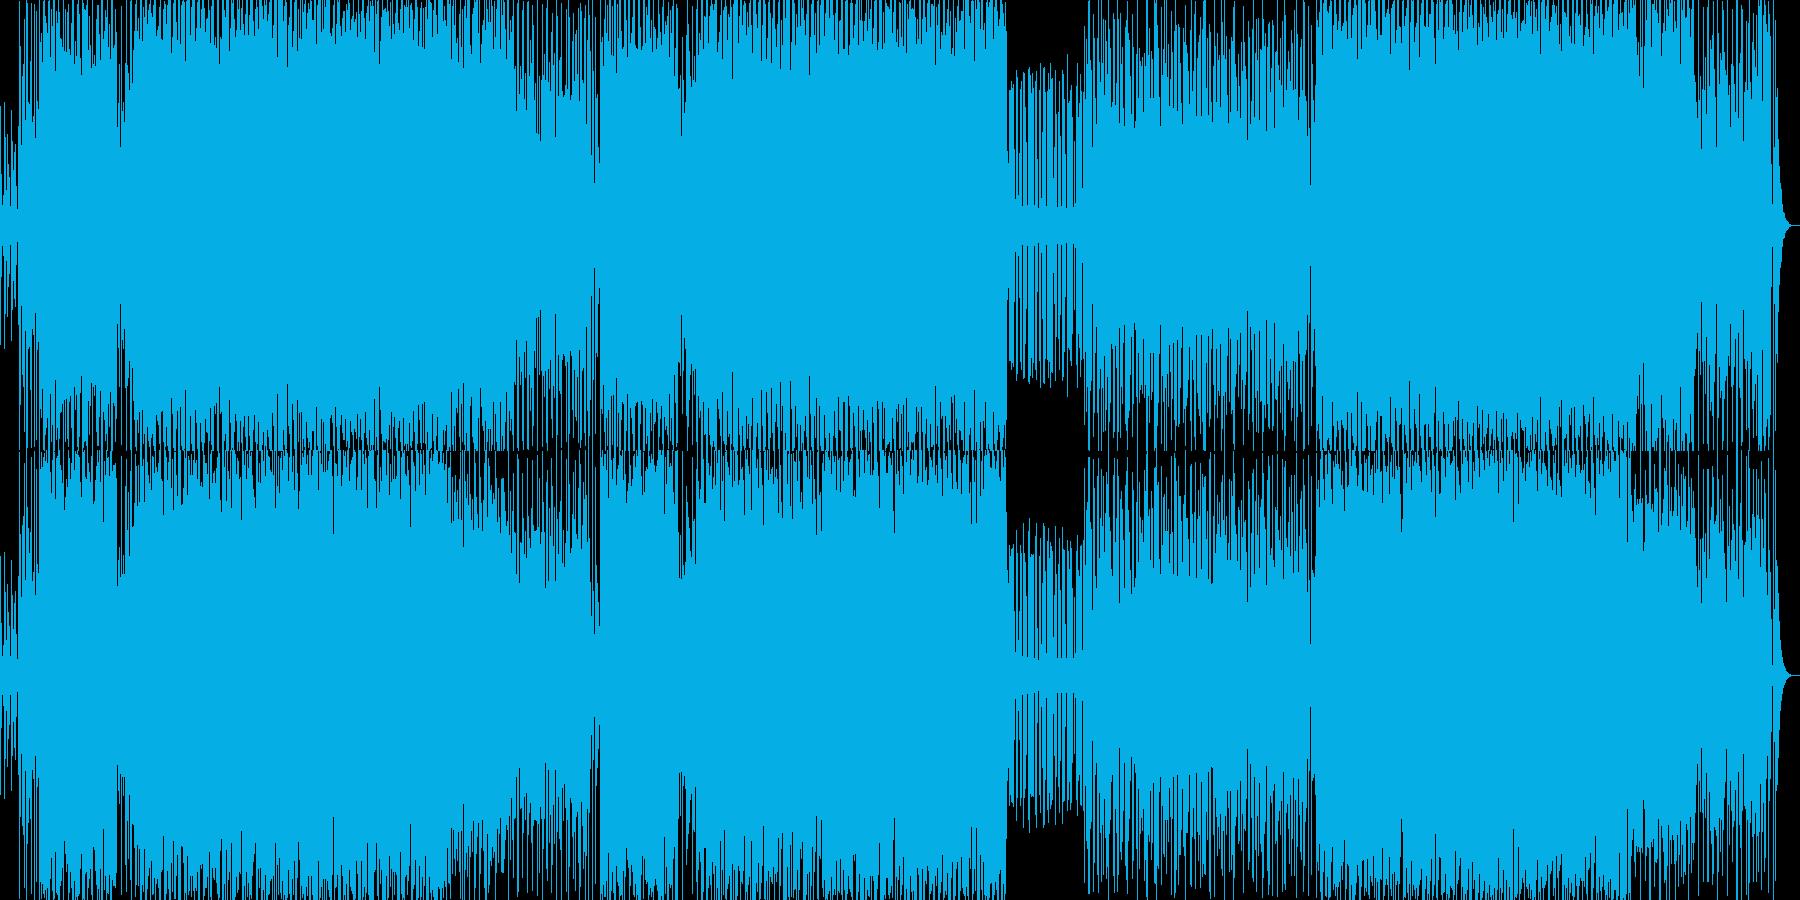 近未来的なサイバーバトルアクションBGMの再生済みの波形